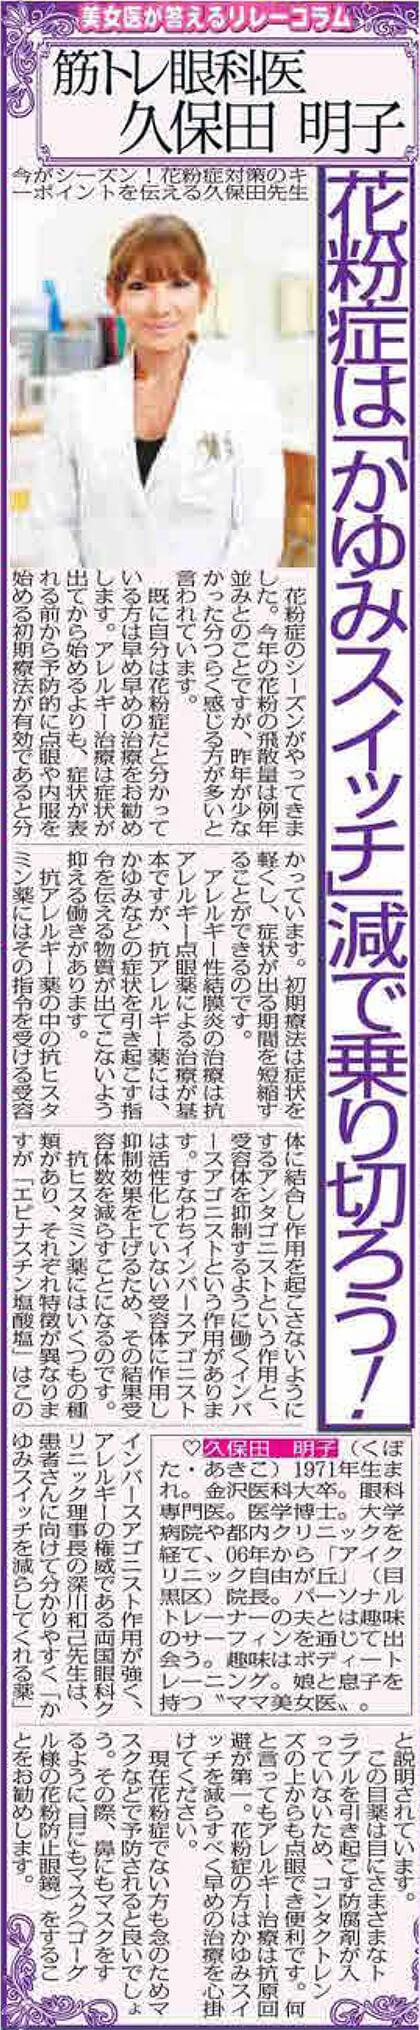 スポーツニッポン『美女医が答えるリレー&コラム』